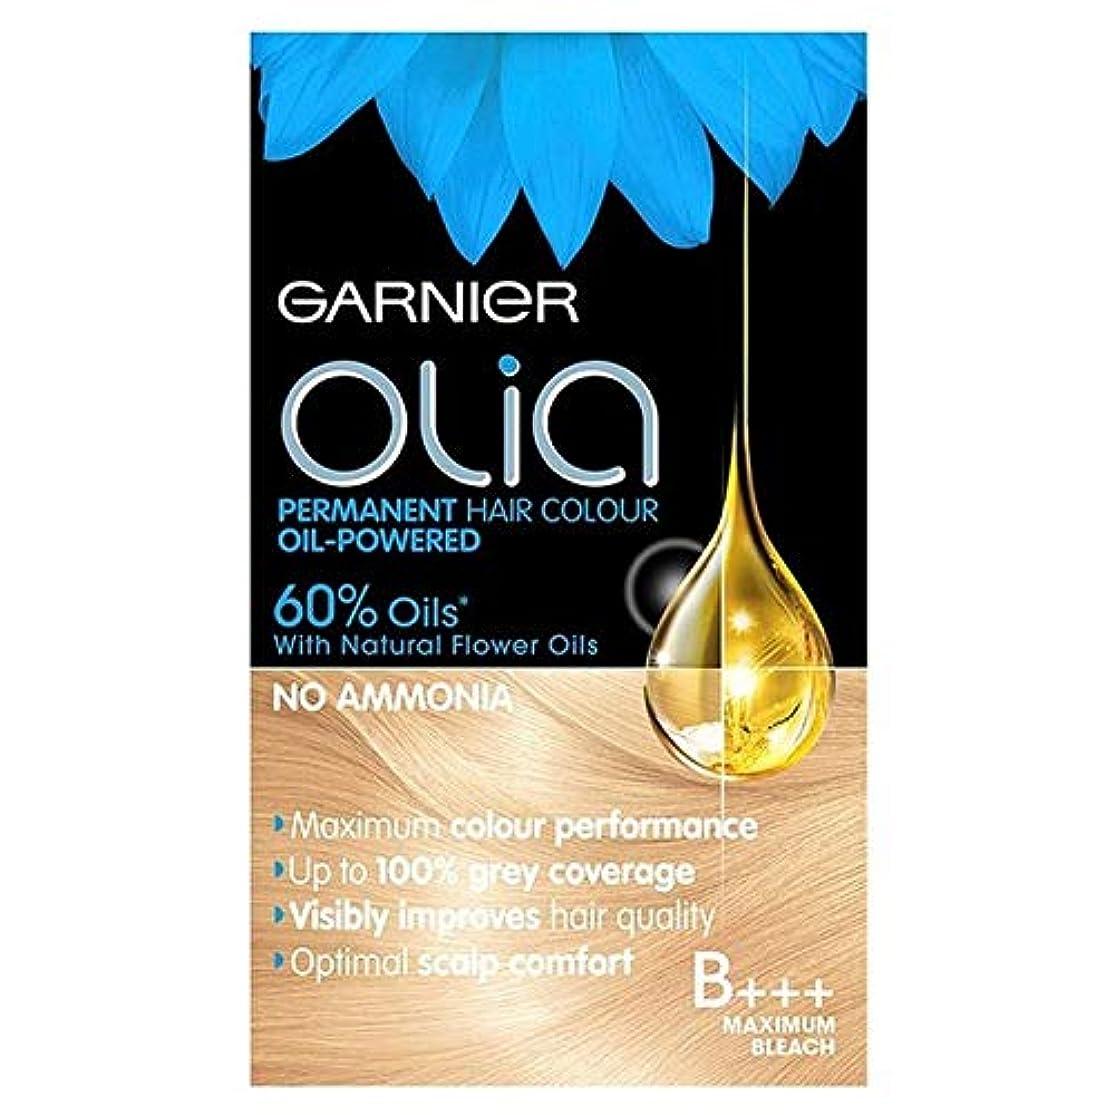 哲学博士説得力のある意外[Garnier ] ガルニエのOliaのB +++最大ブリーチブロンド - Garnier Olia B+++ Maximum Bleach Blonde [並行輸入品]